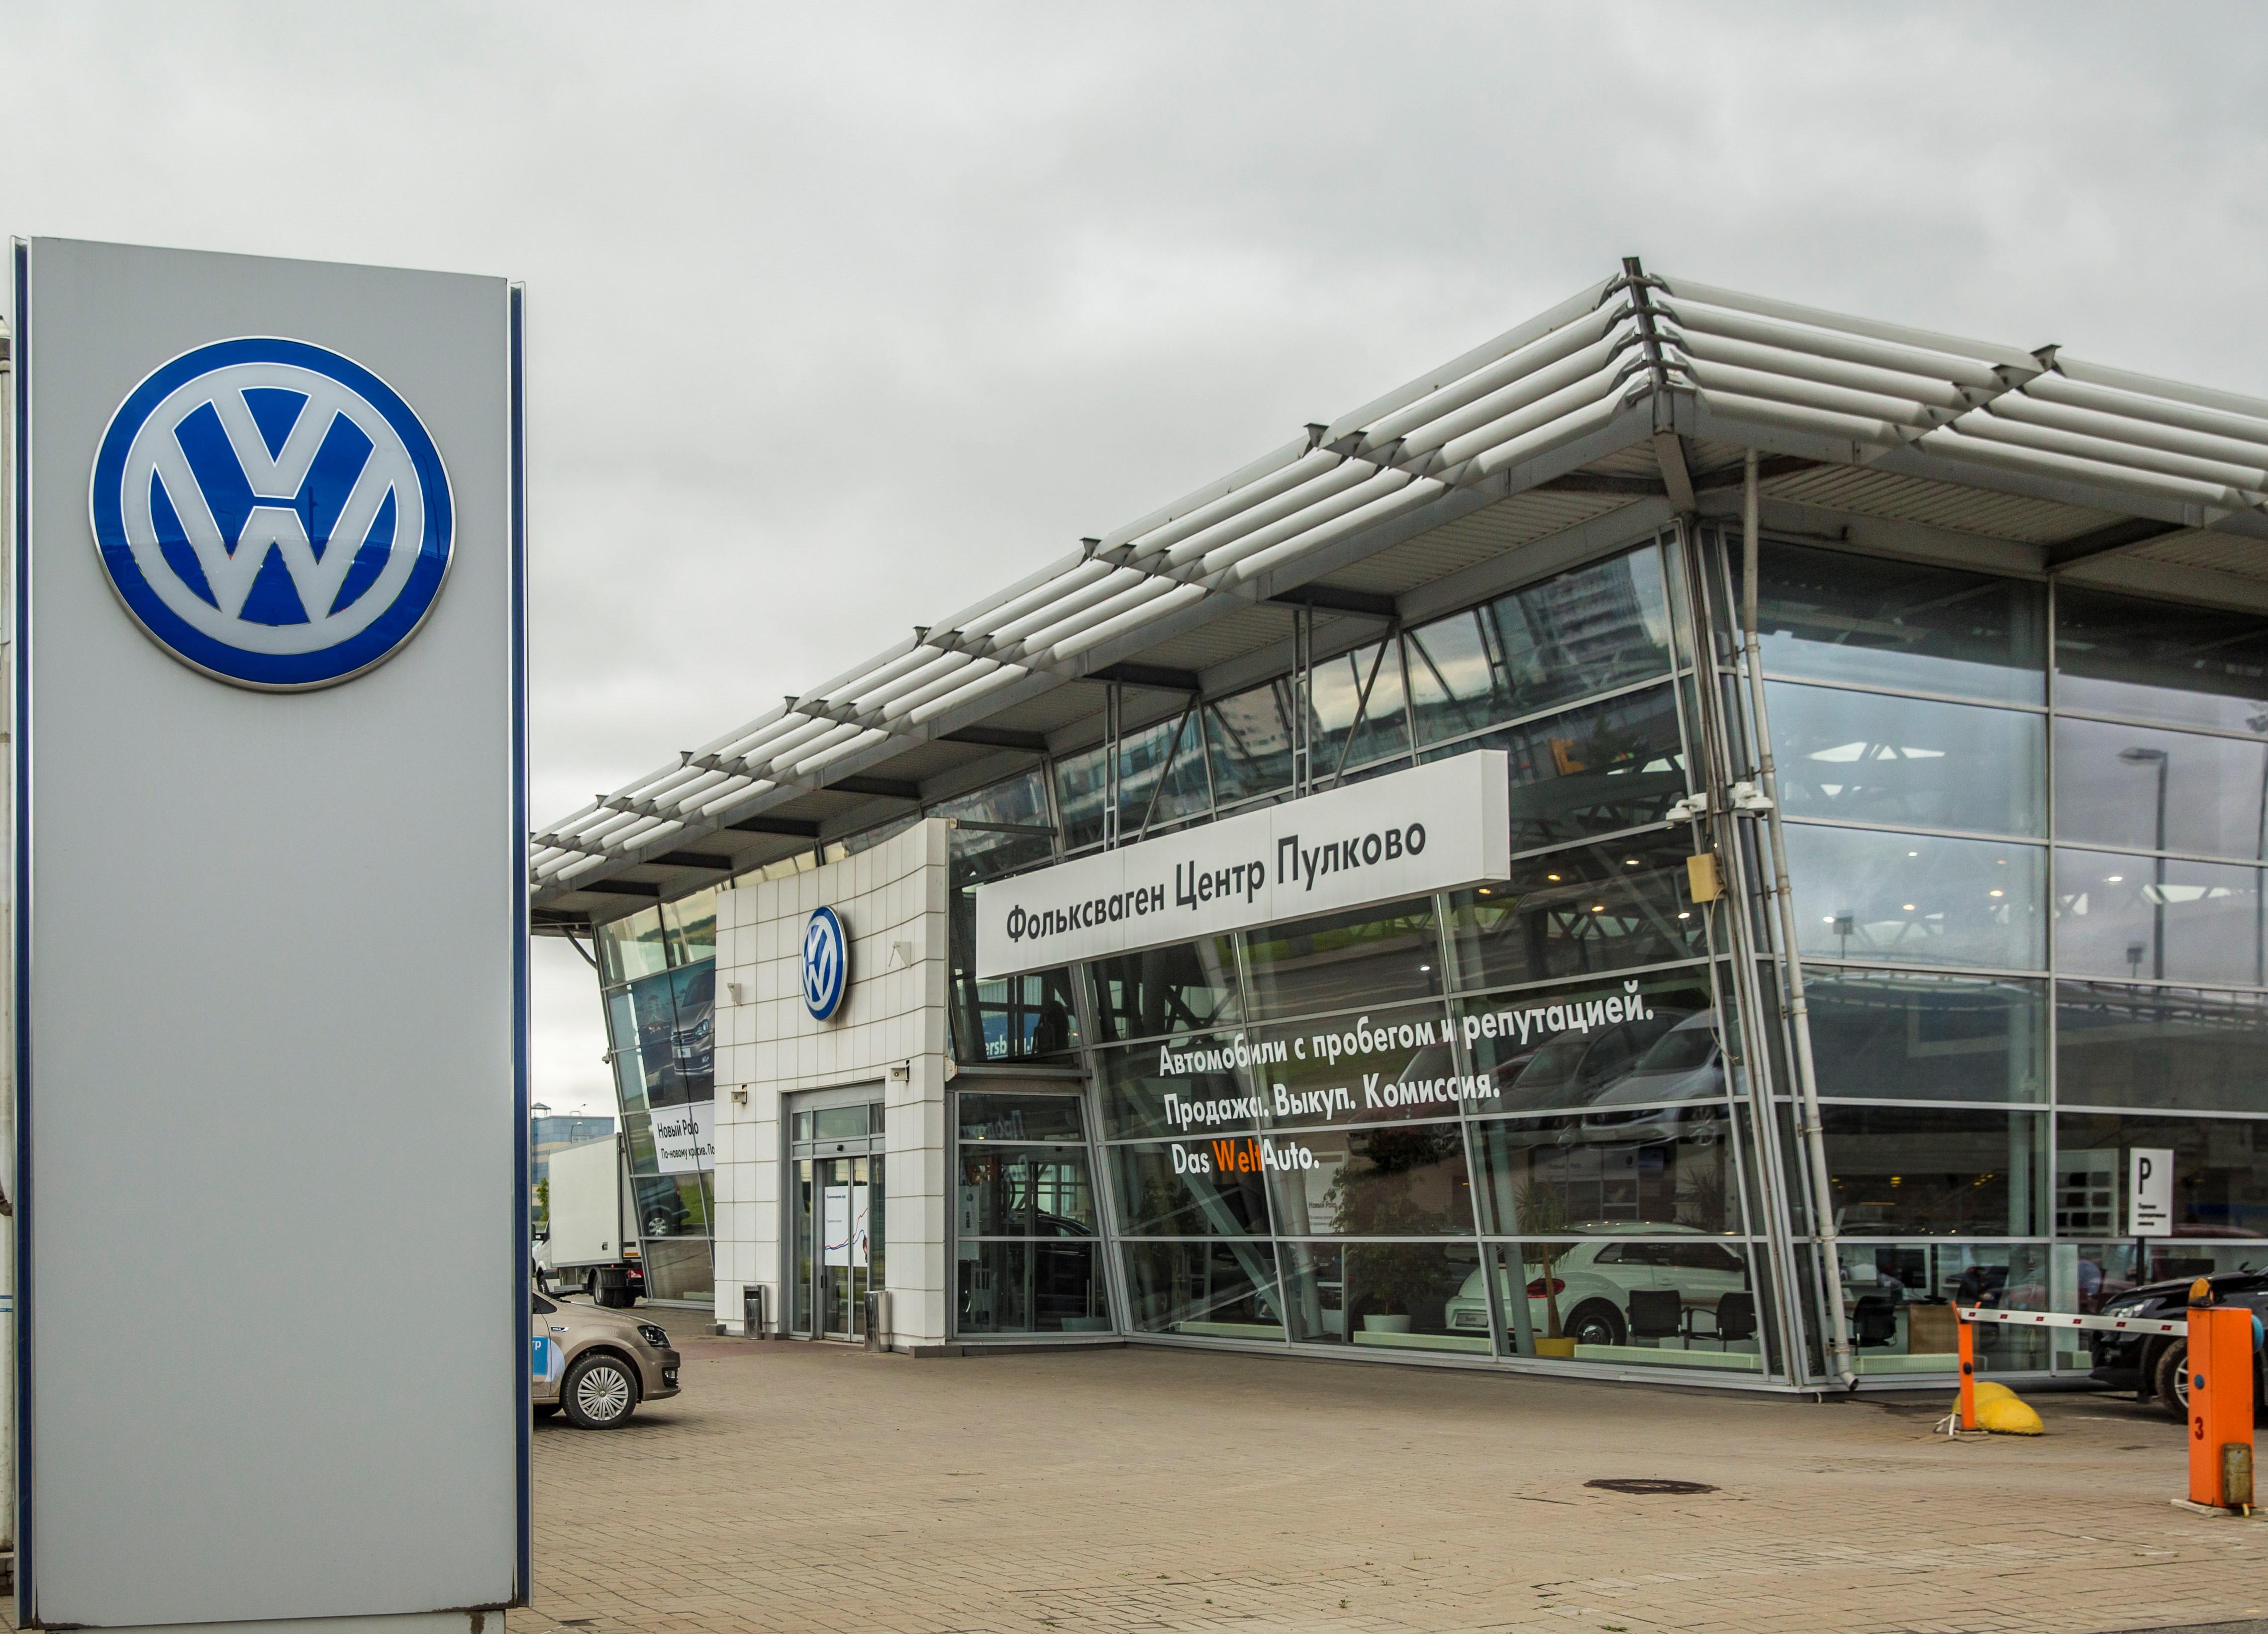 Фольксваген Центр Пулково - лучший дилер VW в Петербурге